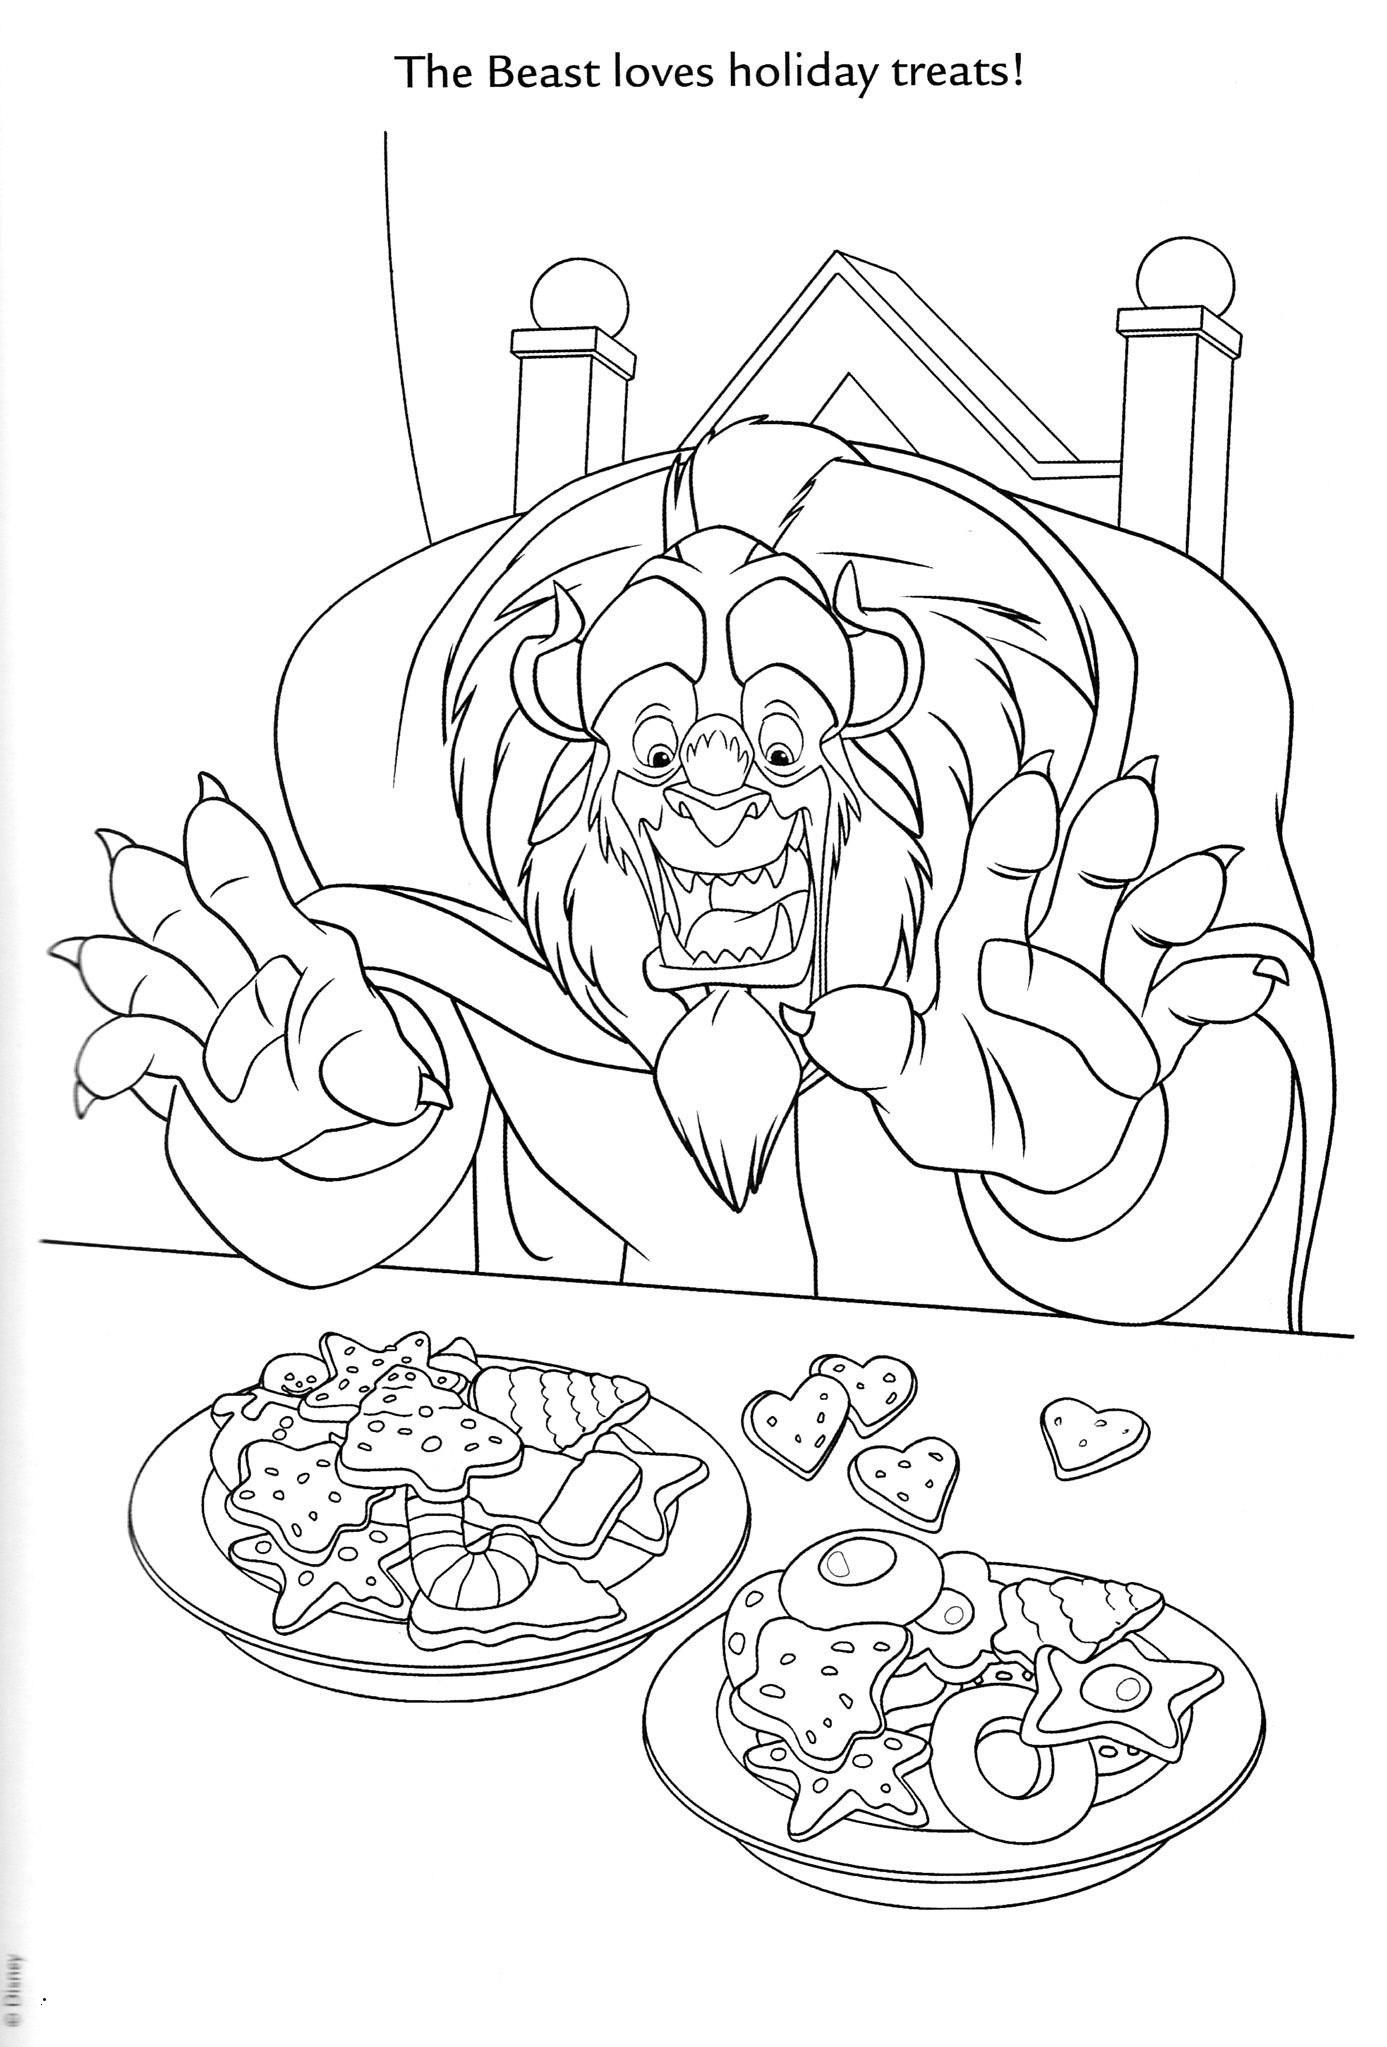 Ausmalbilder Weihnachten Mandala Das Beste Von Mandalas Ausmalbilder Frisch Mandala Coloring Worksheet Mandalas Bild